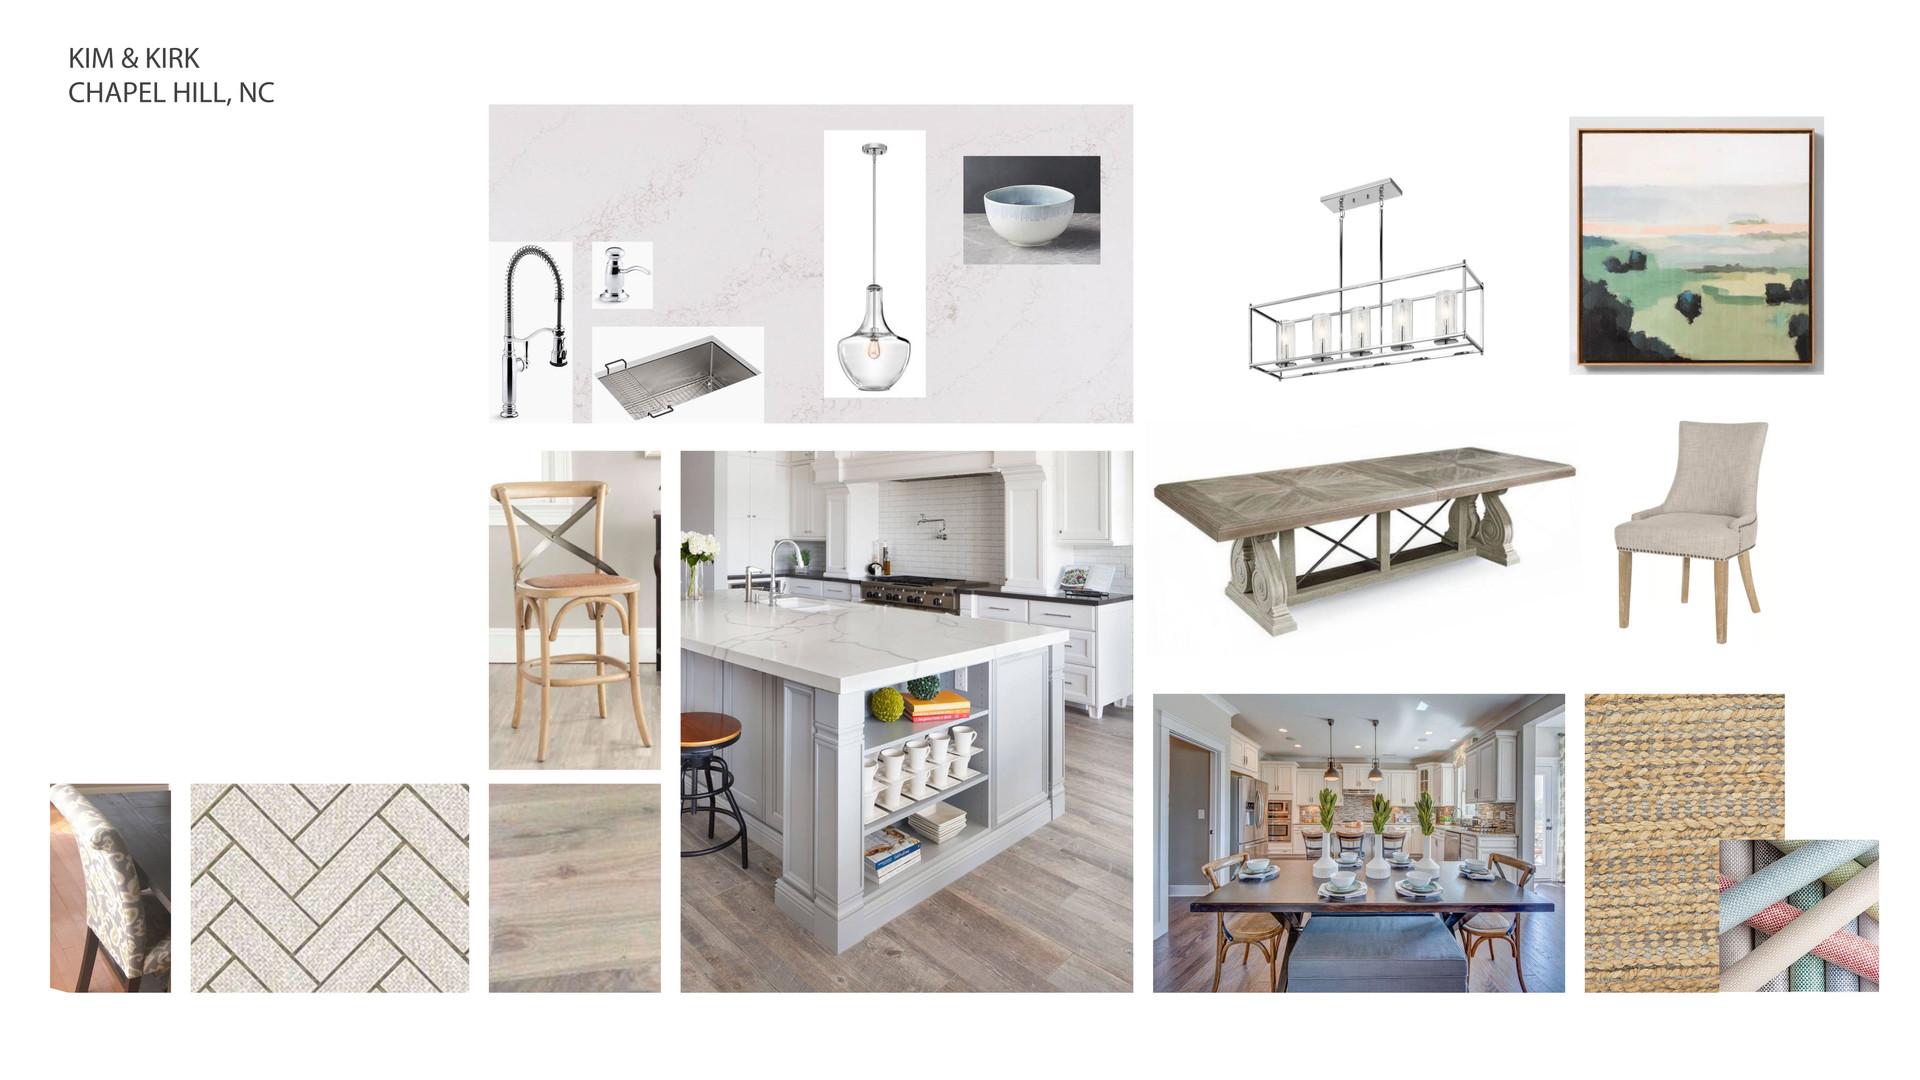 Kim & Kirk Kitchen Remodel.jpg